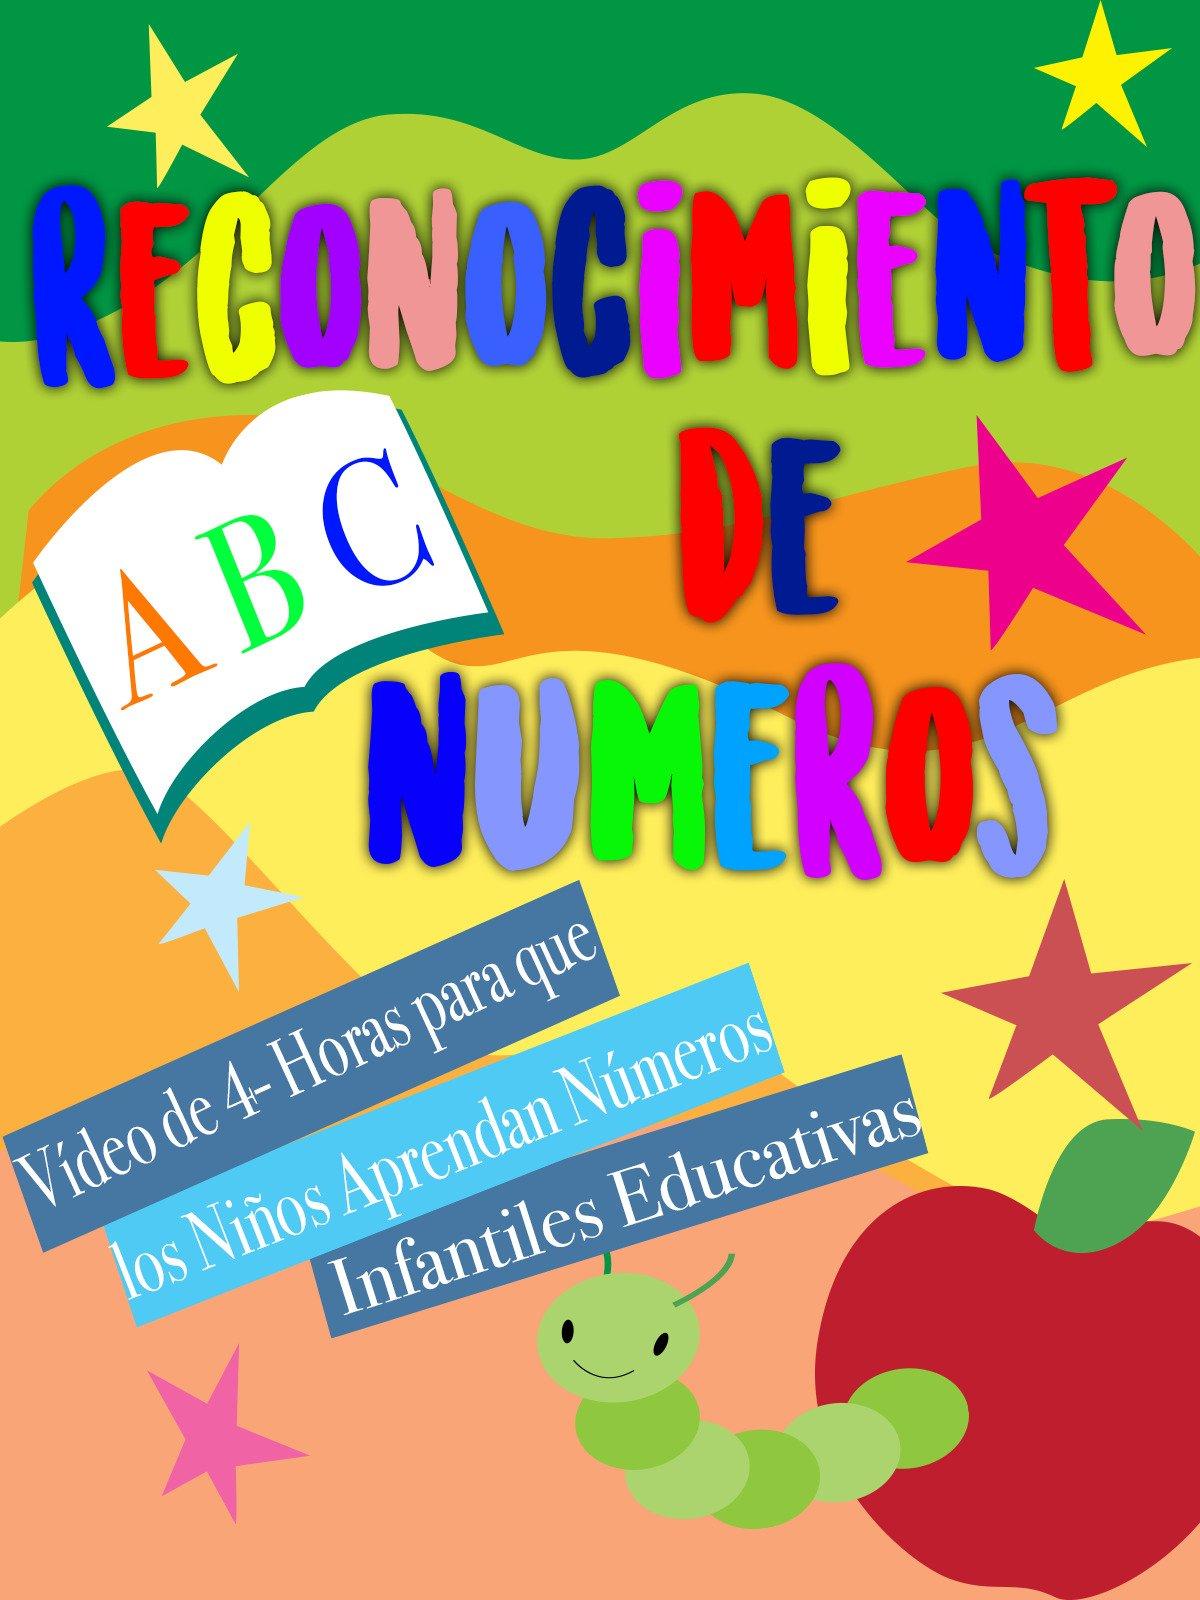 Reconocimiento De Números Video de 4- Horas para que los Niños Aprendan Números Infantiles Educativas